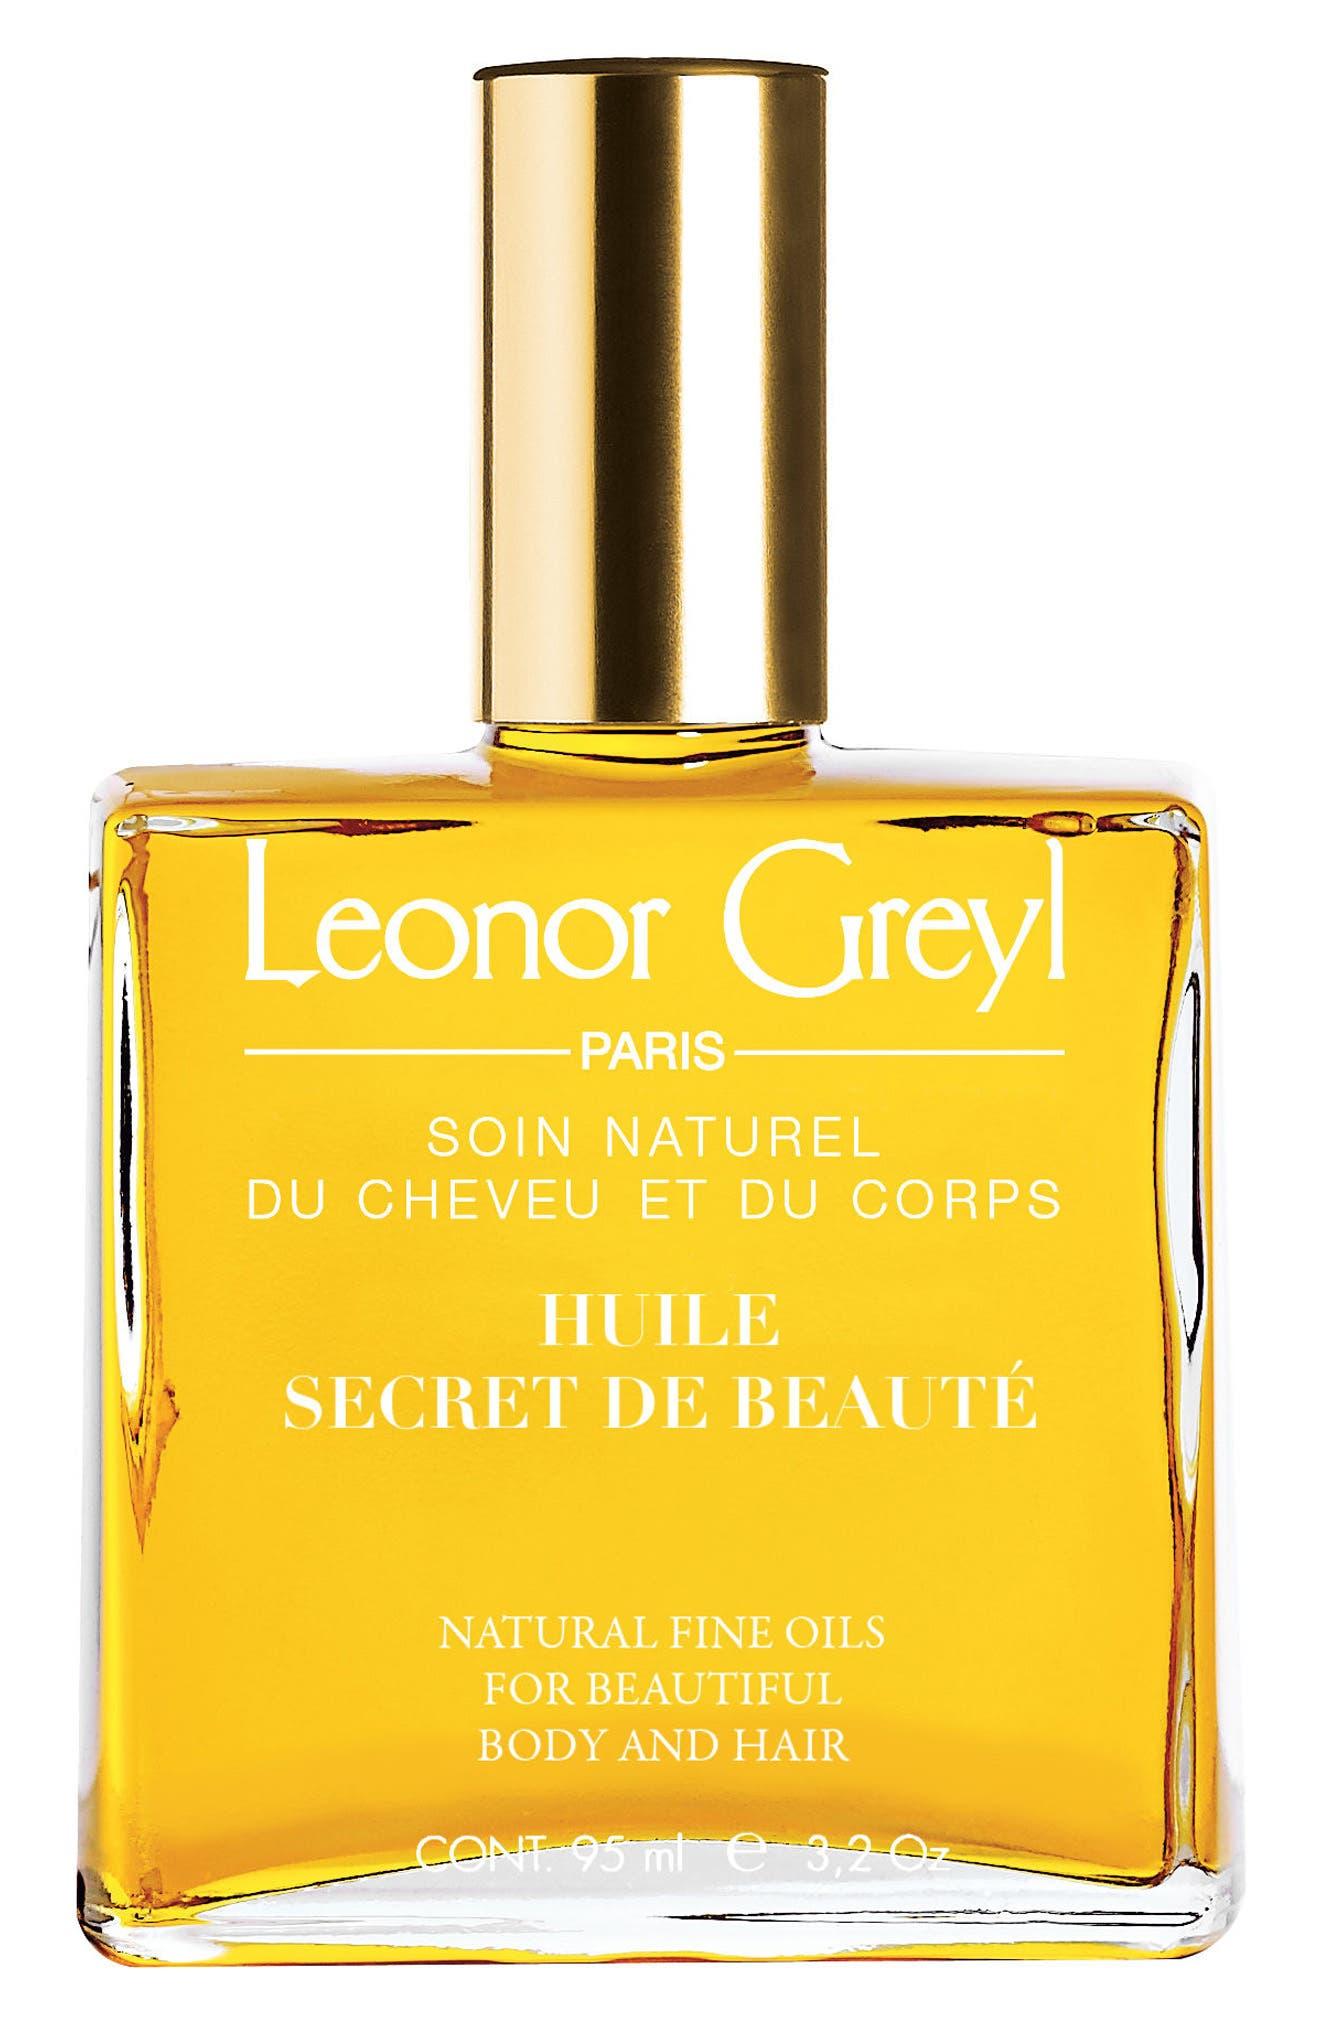 Main Image - Leonor Greyl PARIS 'Huile Secret de Beauté' Hair & Skin Oil